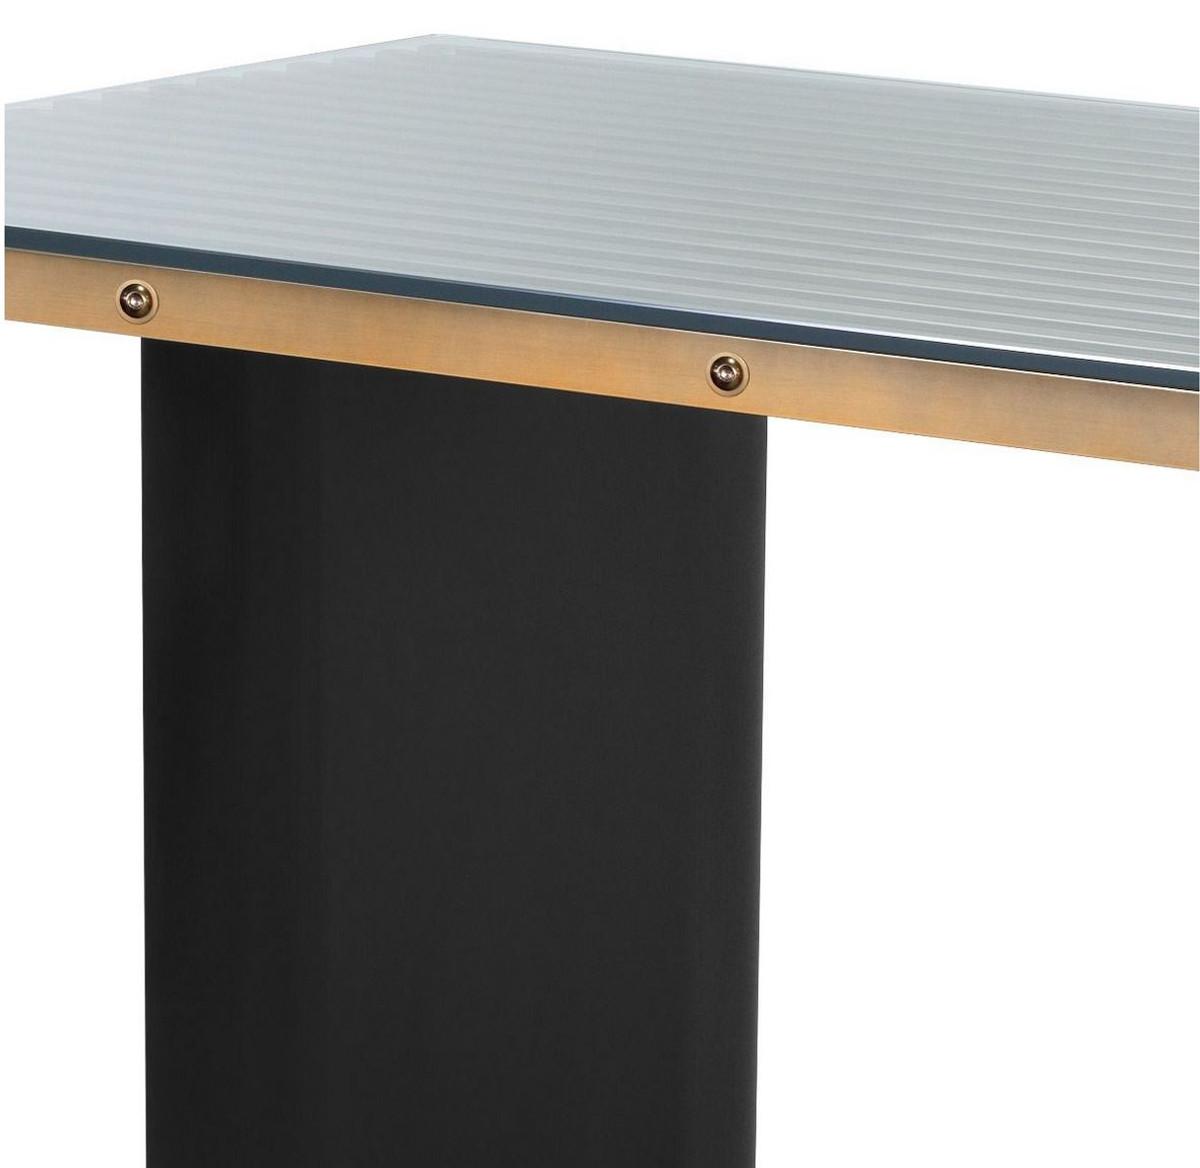 Casa Padrino Luxus Schreibtisch mit Glasplatte Messing / Schwarz 180 x 78,5 x H. 76 cm - Luxus Qualität - Büromöbel 3